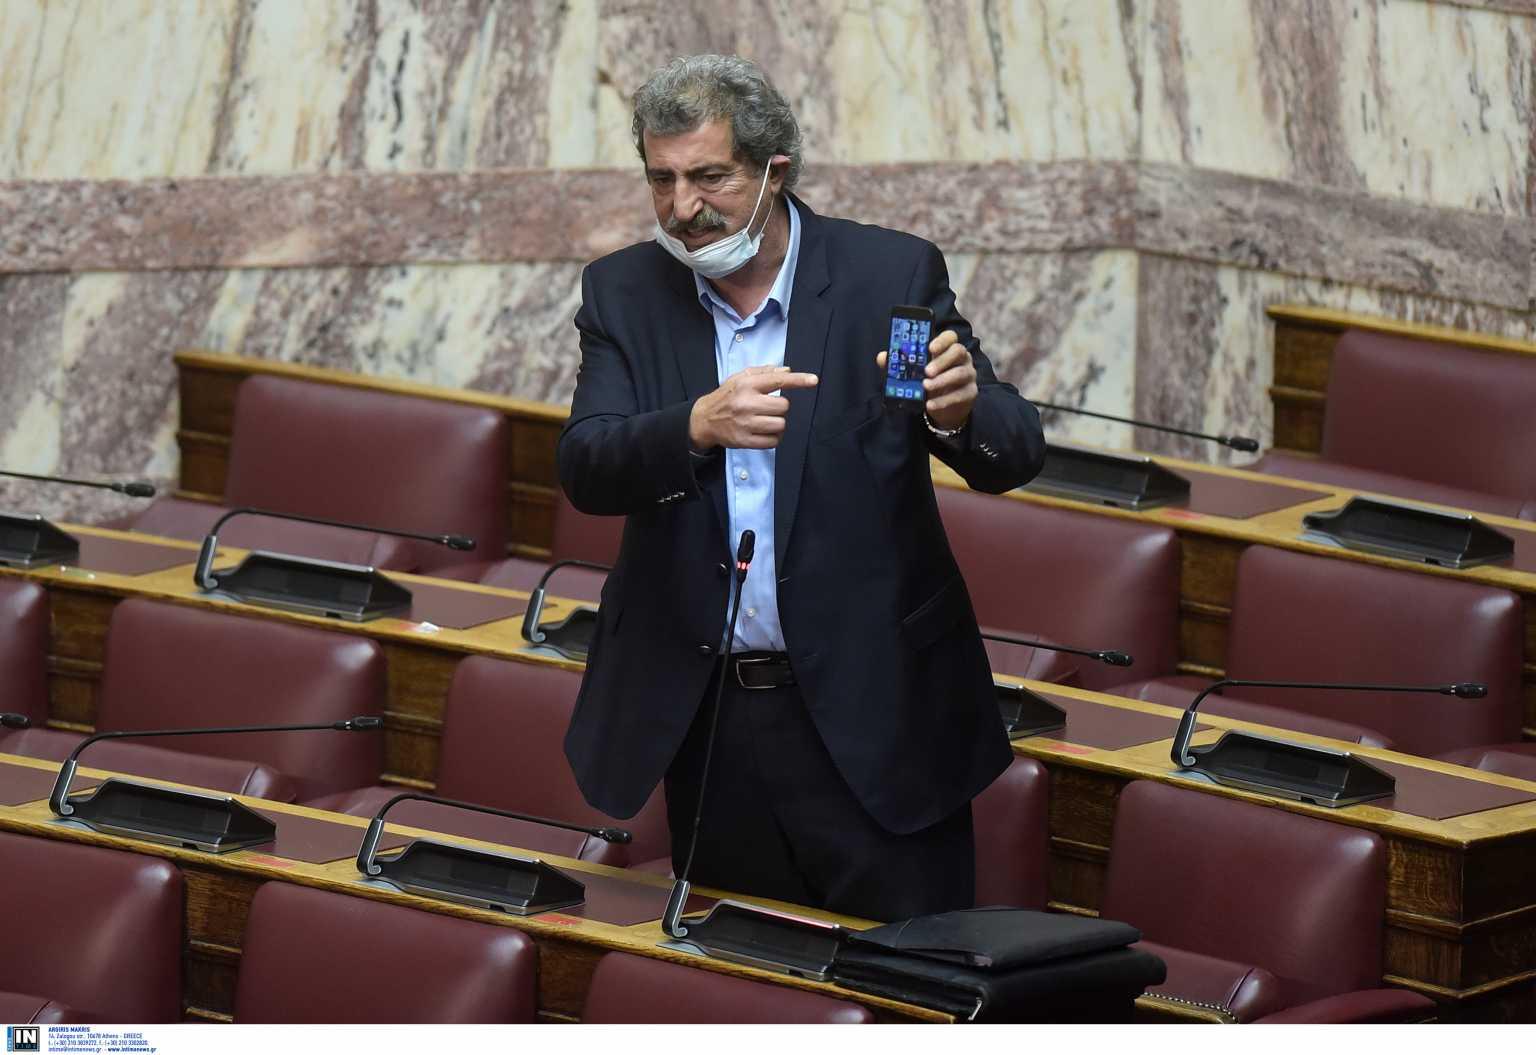 Άρση ασυλίας Πολάκη: Θύελλα στη Βουλή και αντιδράσεις για όσα είπε ο ίδιος